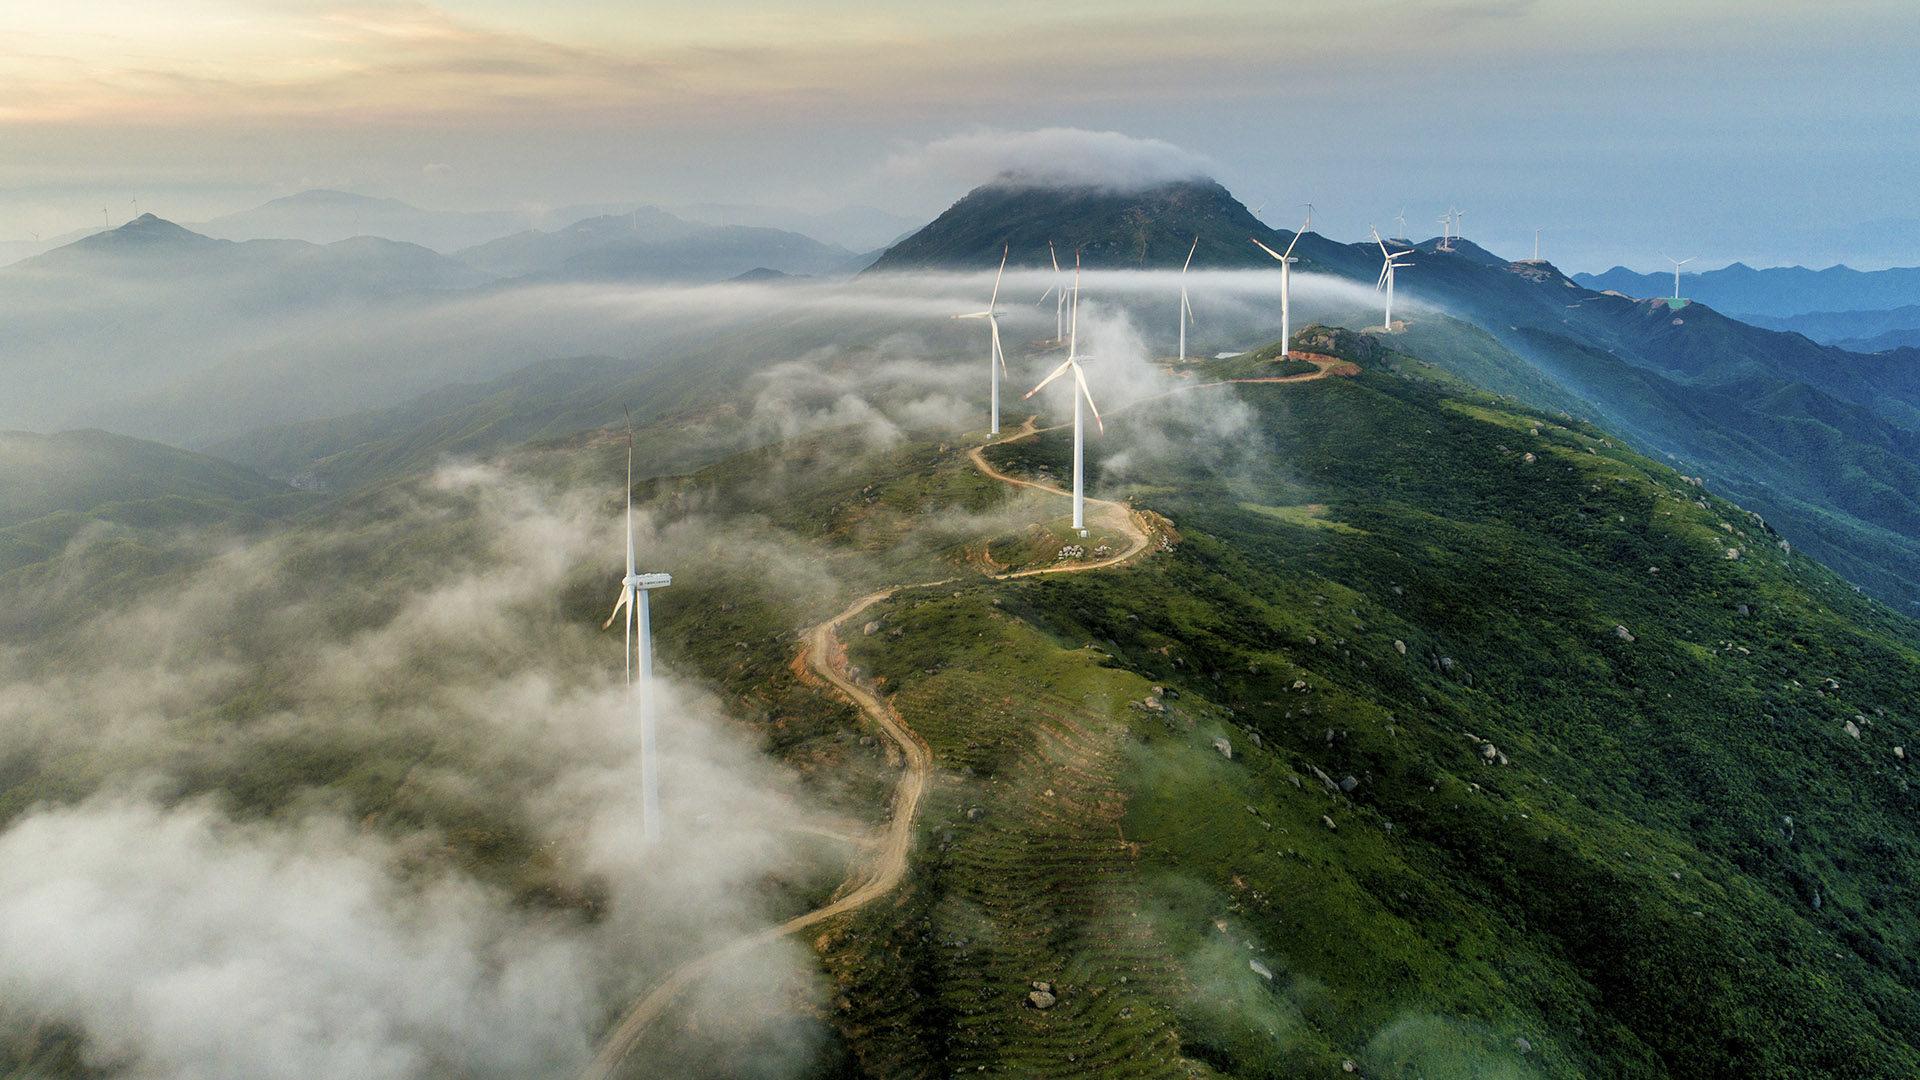 Fotografía de Sostenibilidad, verde, aerogeneradores, energías, sostenible, montañas, paisaje